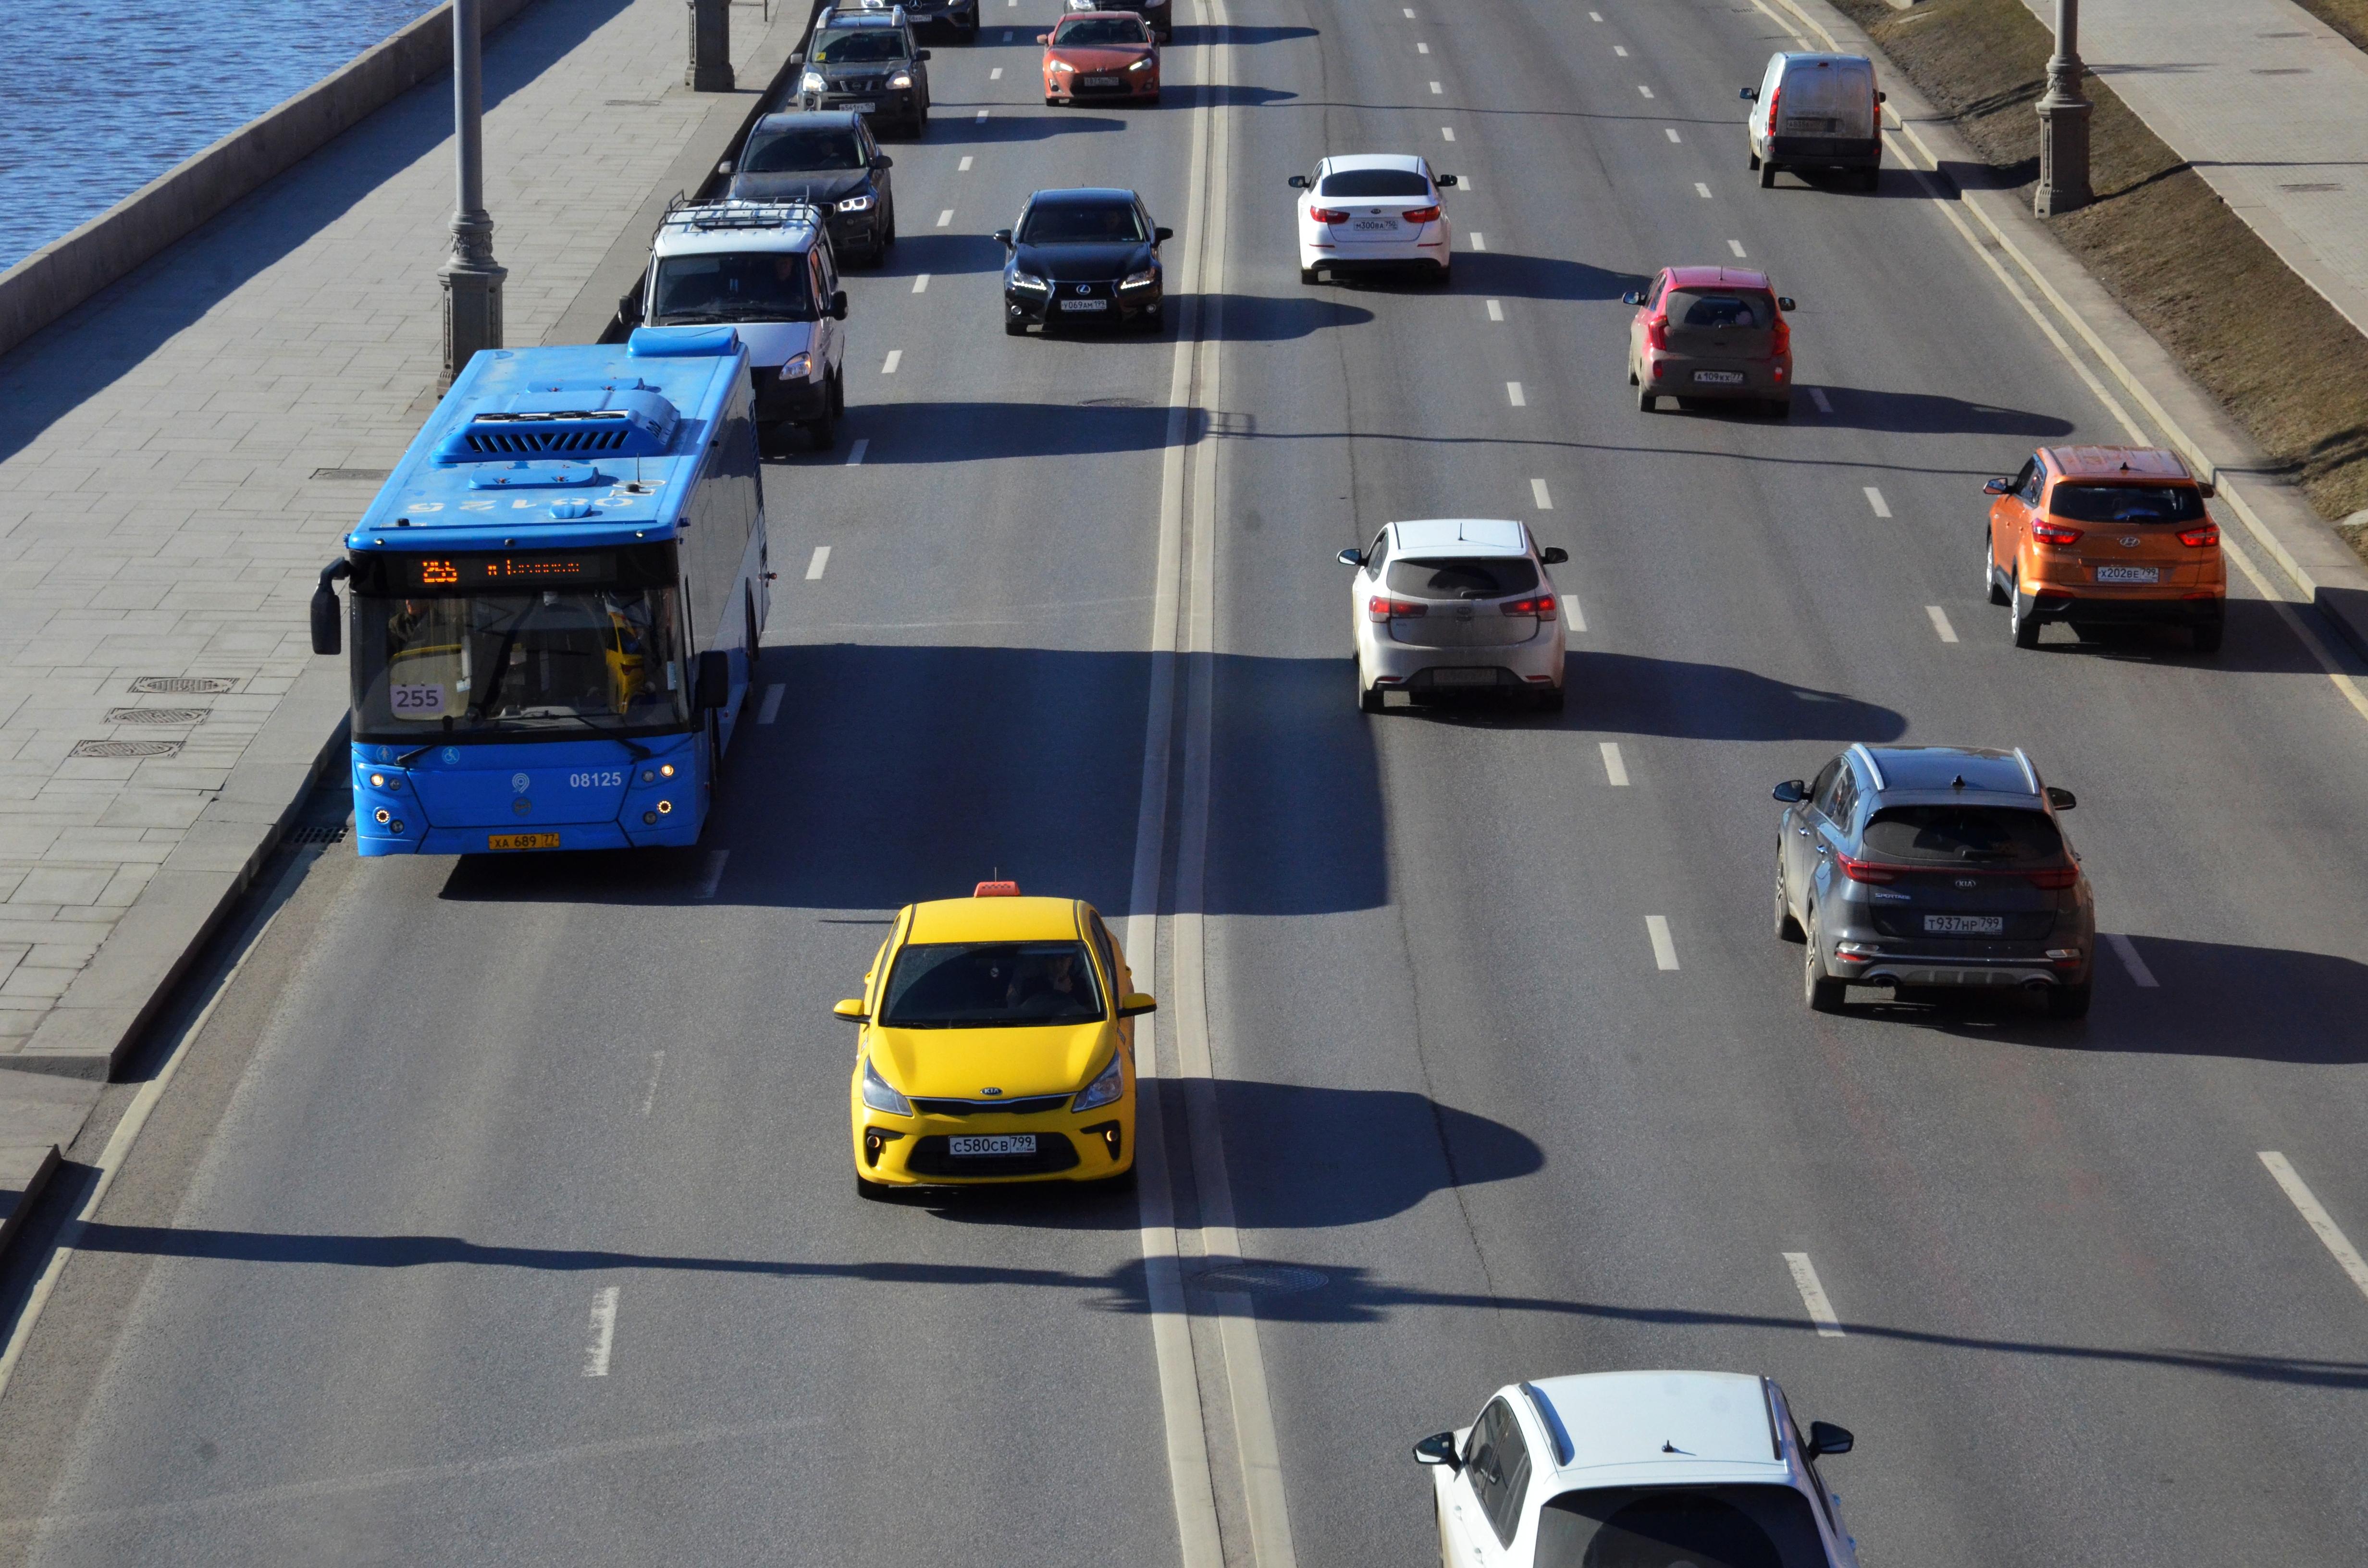 Жителей юга пригласили на обсуждение организации дорожного движения в округе